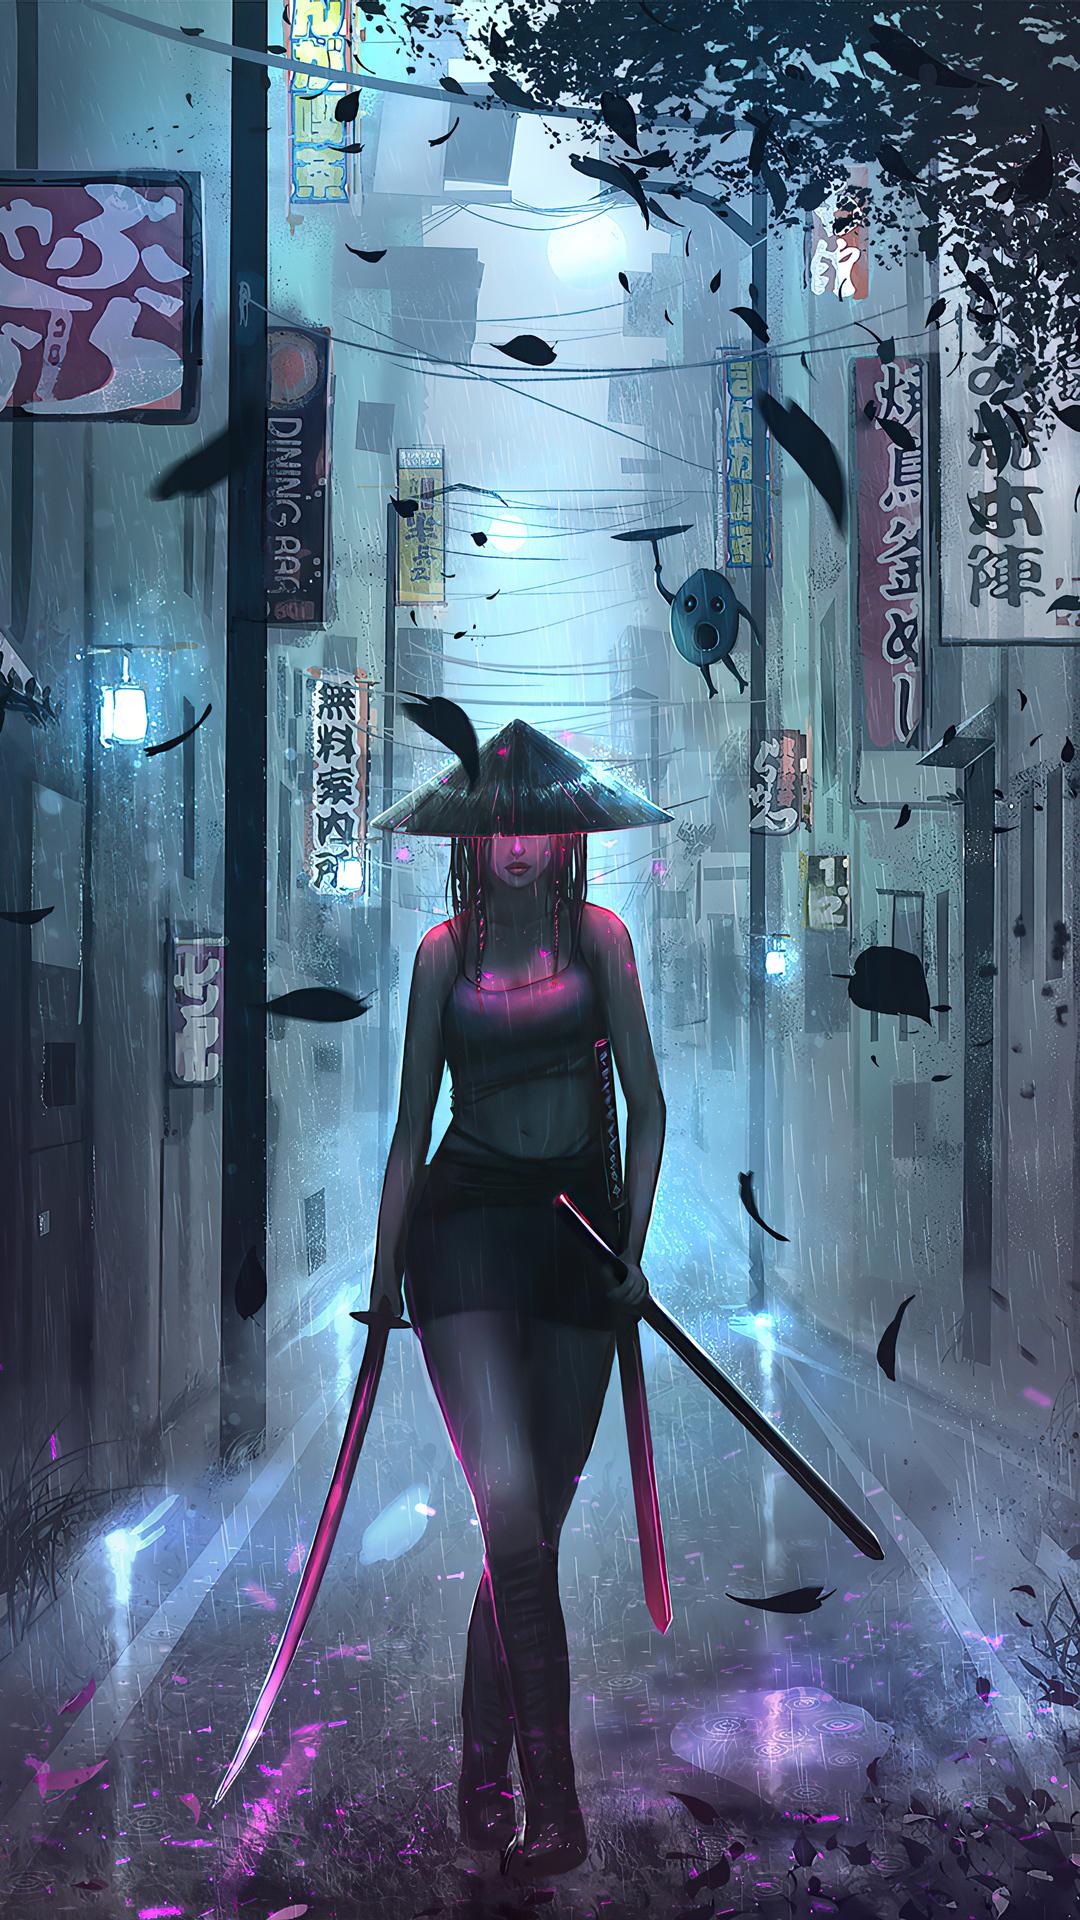 samurai-girl-4k-ni.jpg